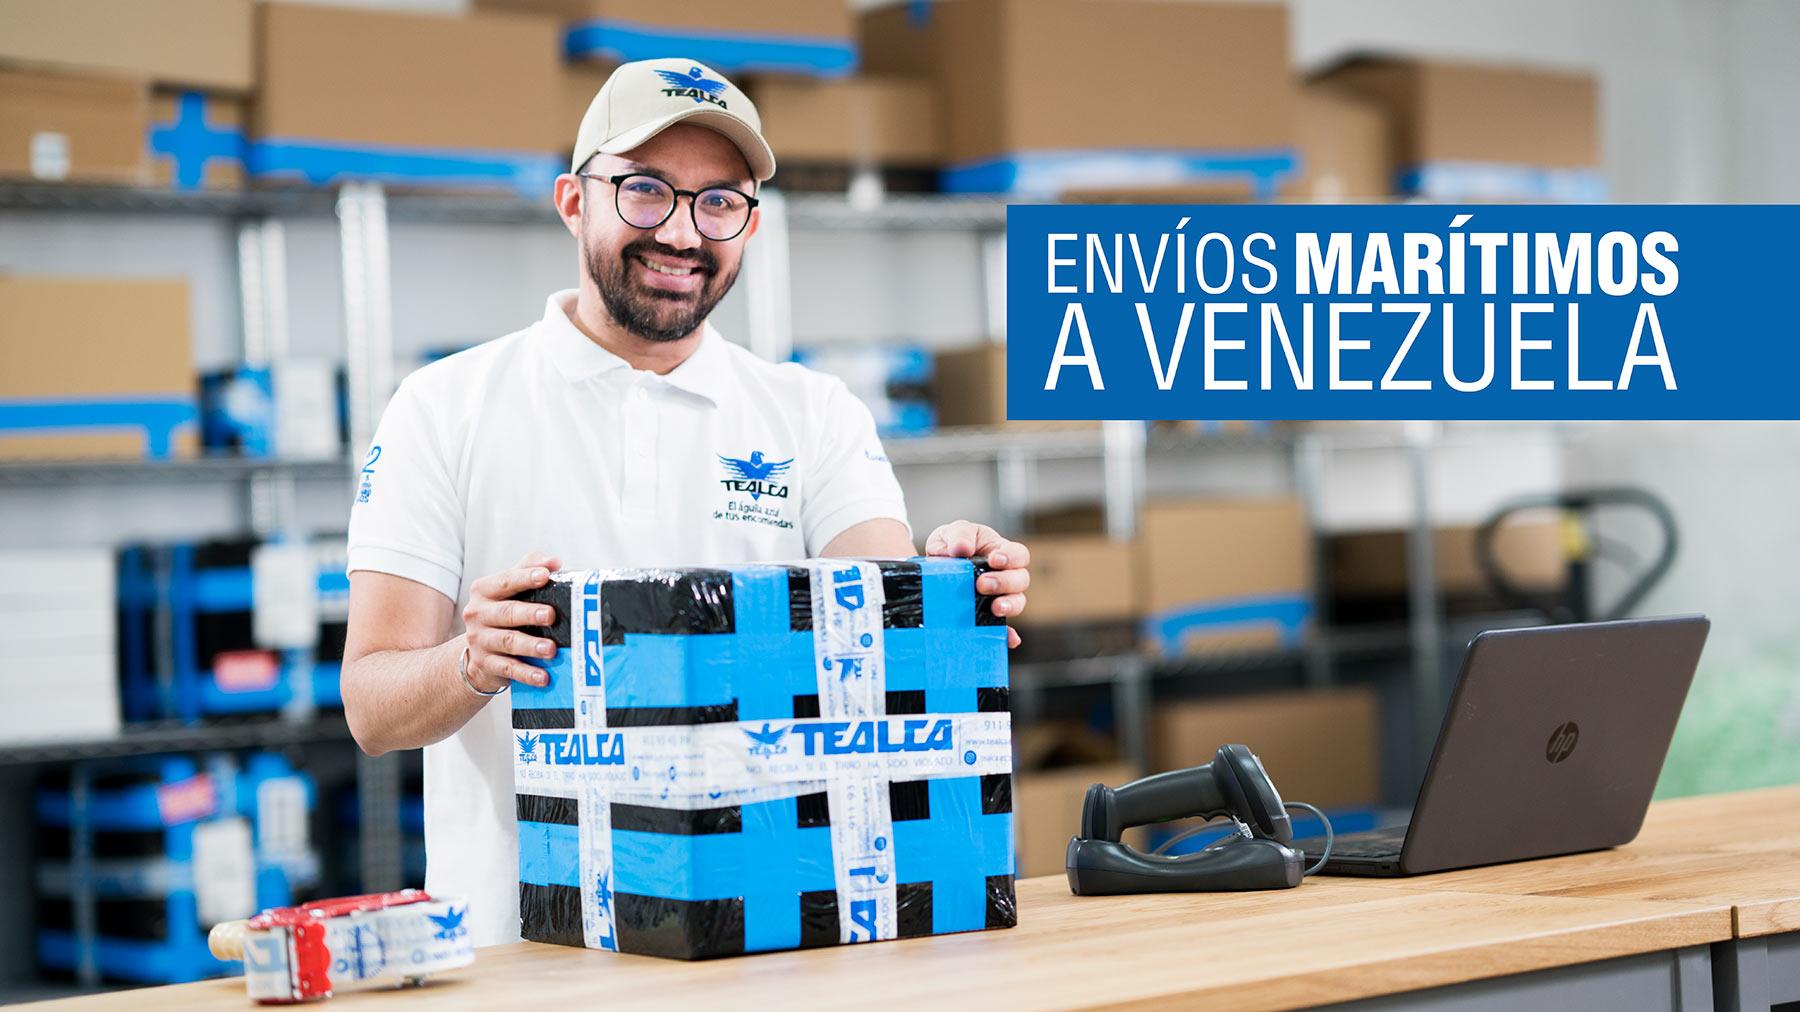 Envios maritimos desde espana y portugal hacia venezuela envios maritimos a venezuela desde españa